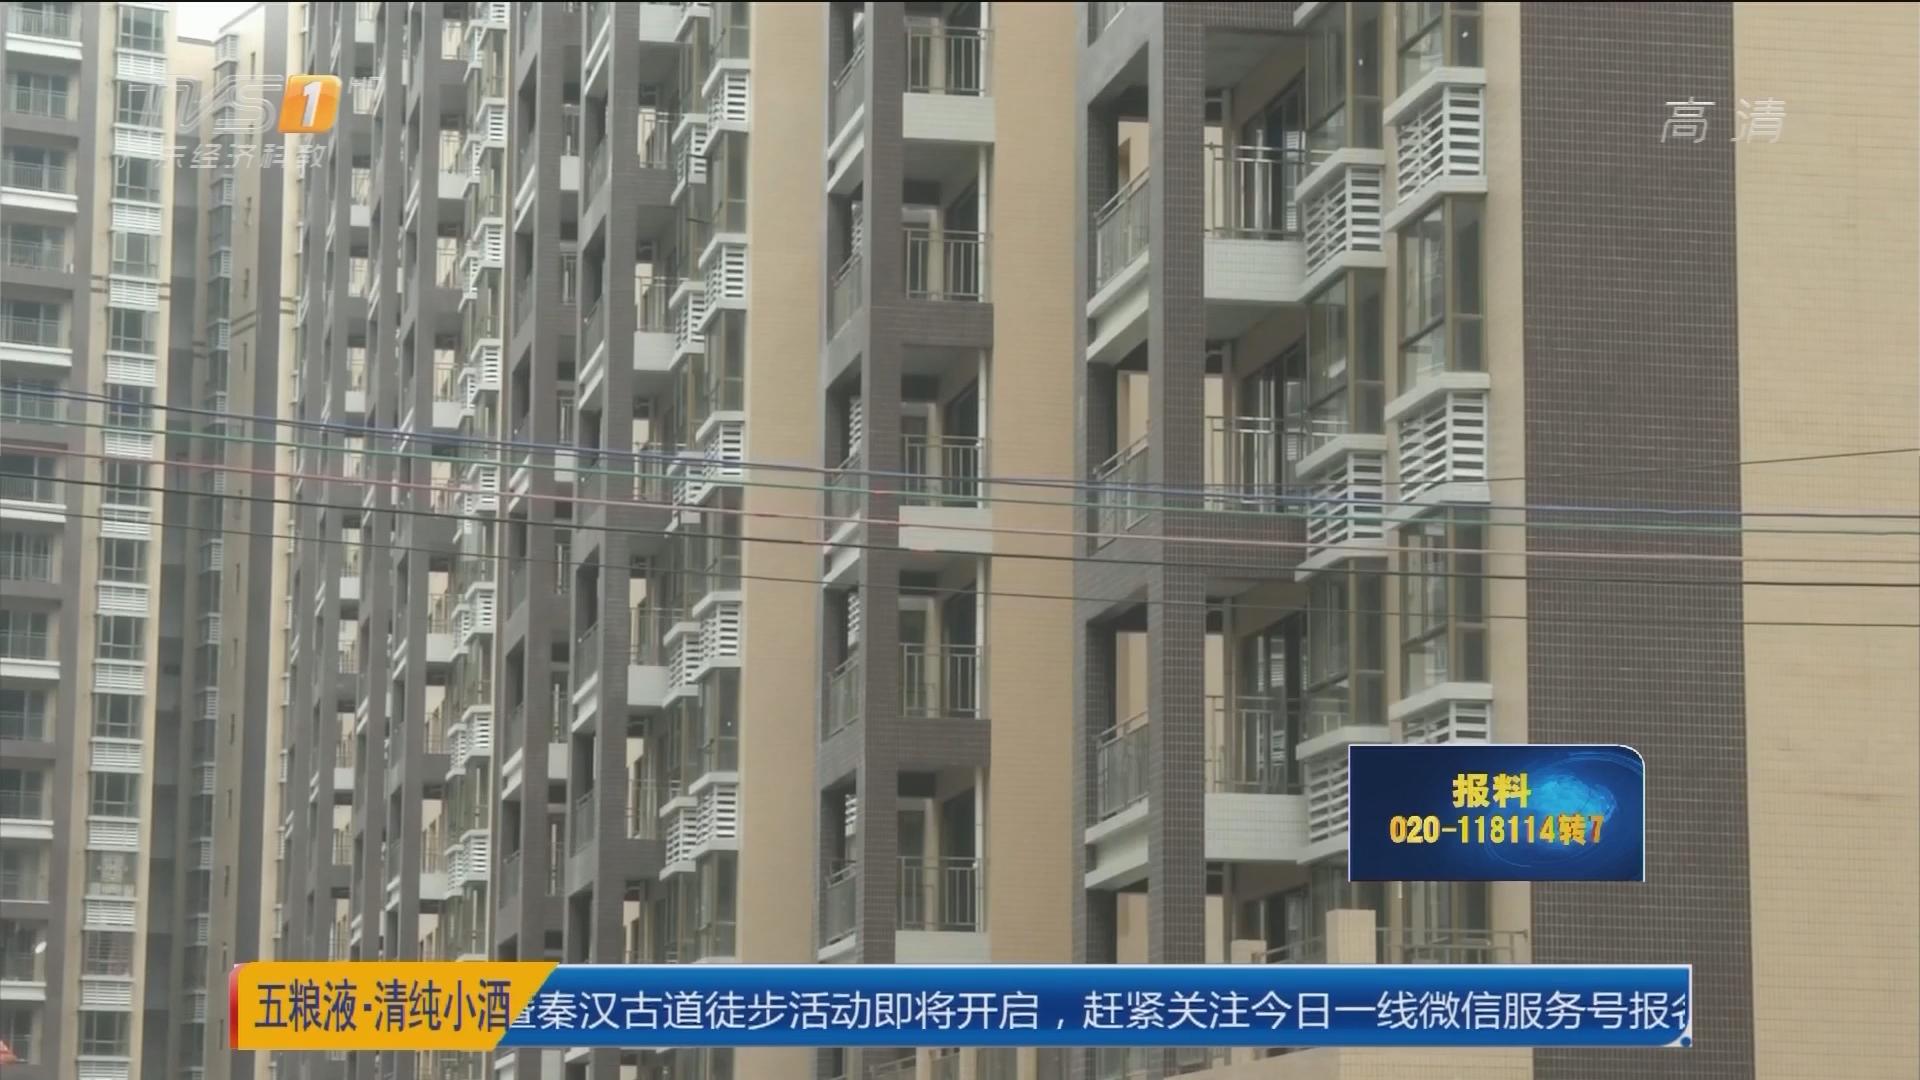 东莞:低价购买小产权房 竟遭一房多卖